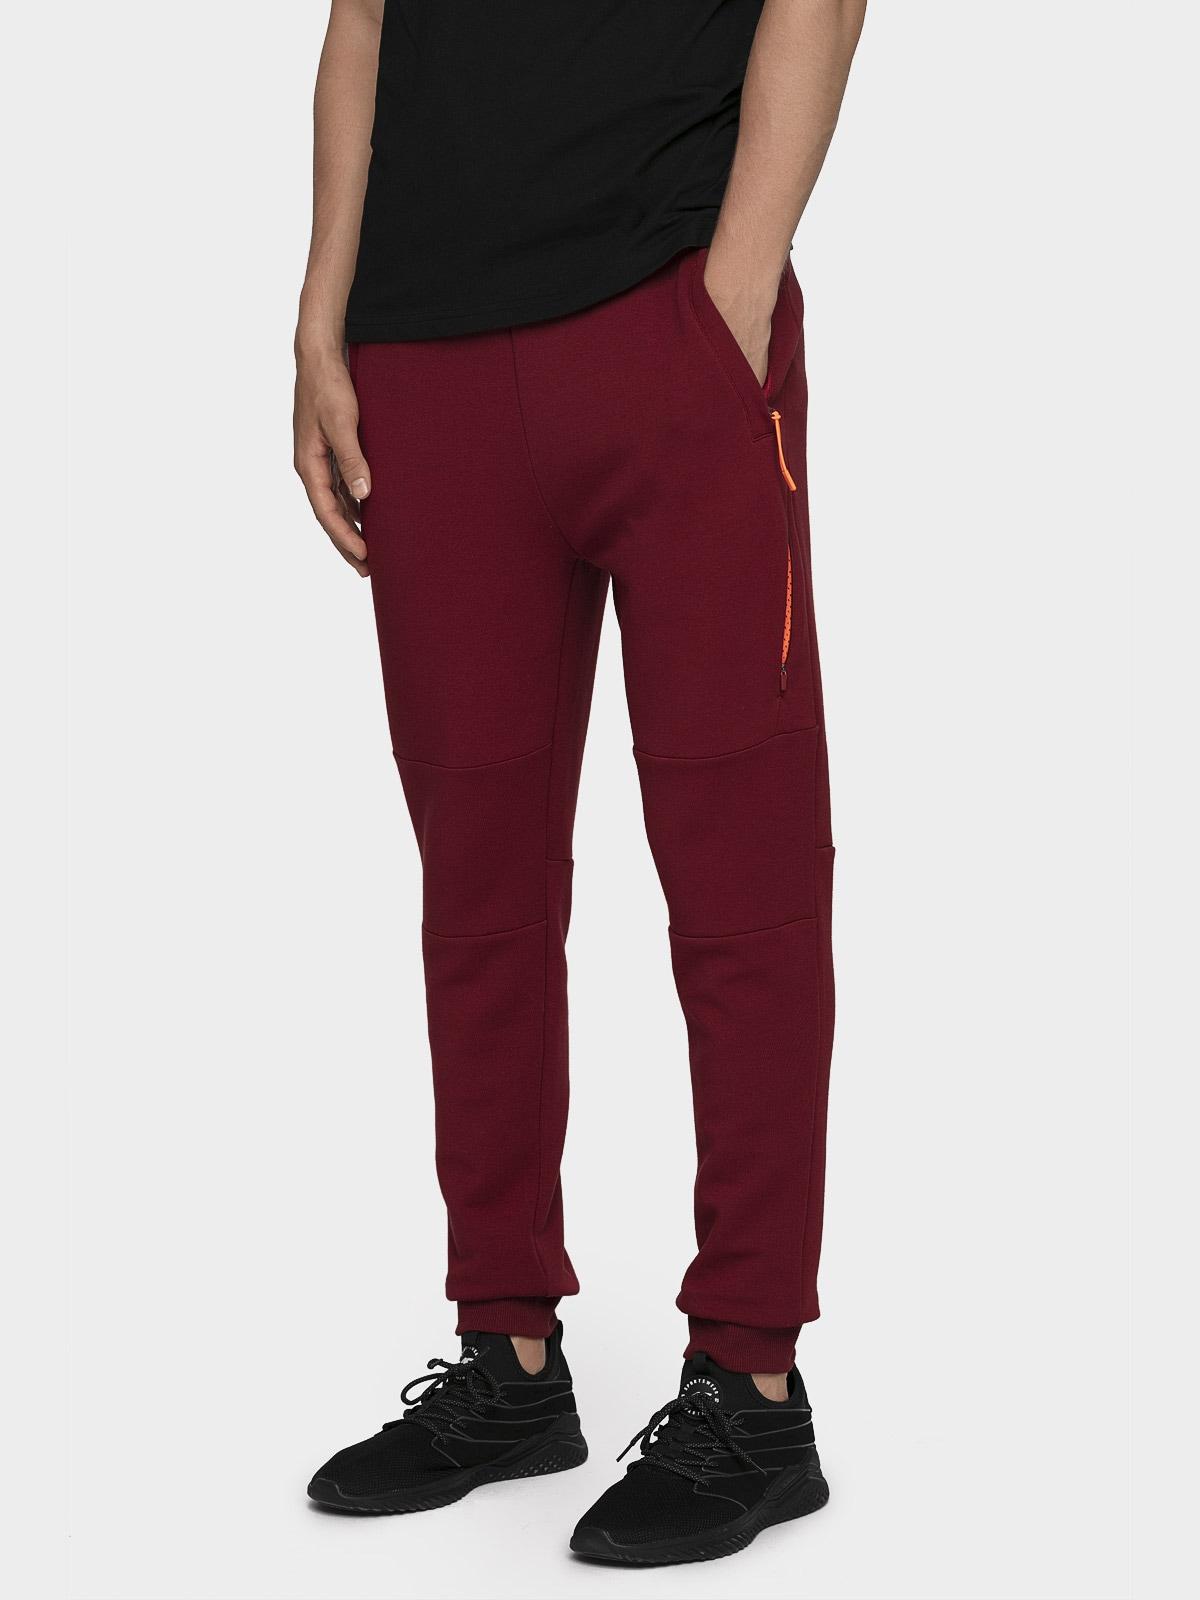 Pantaloni de molton pentru bărbați SPMD204 - roșu burgund